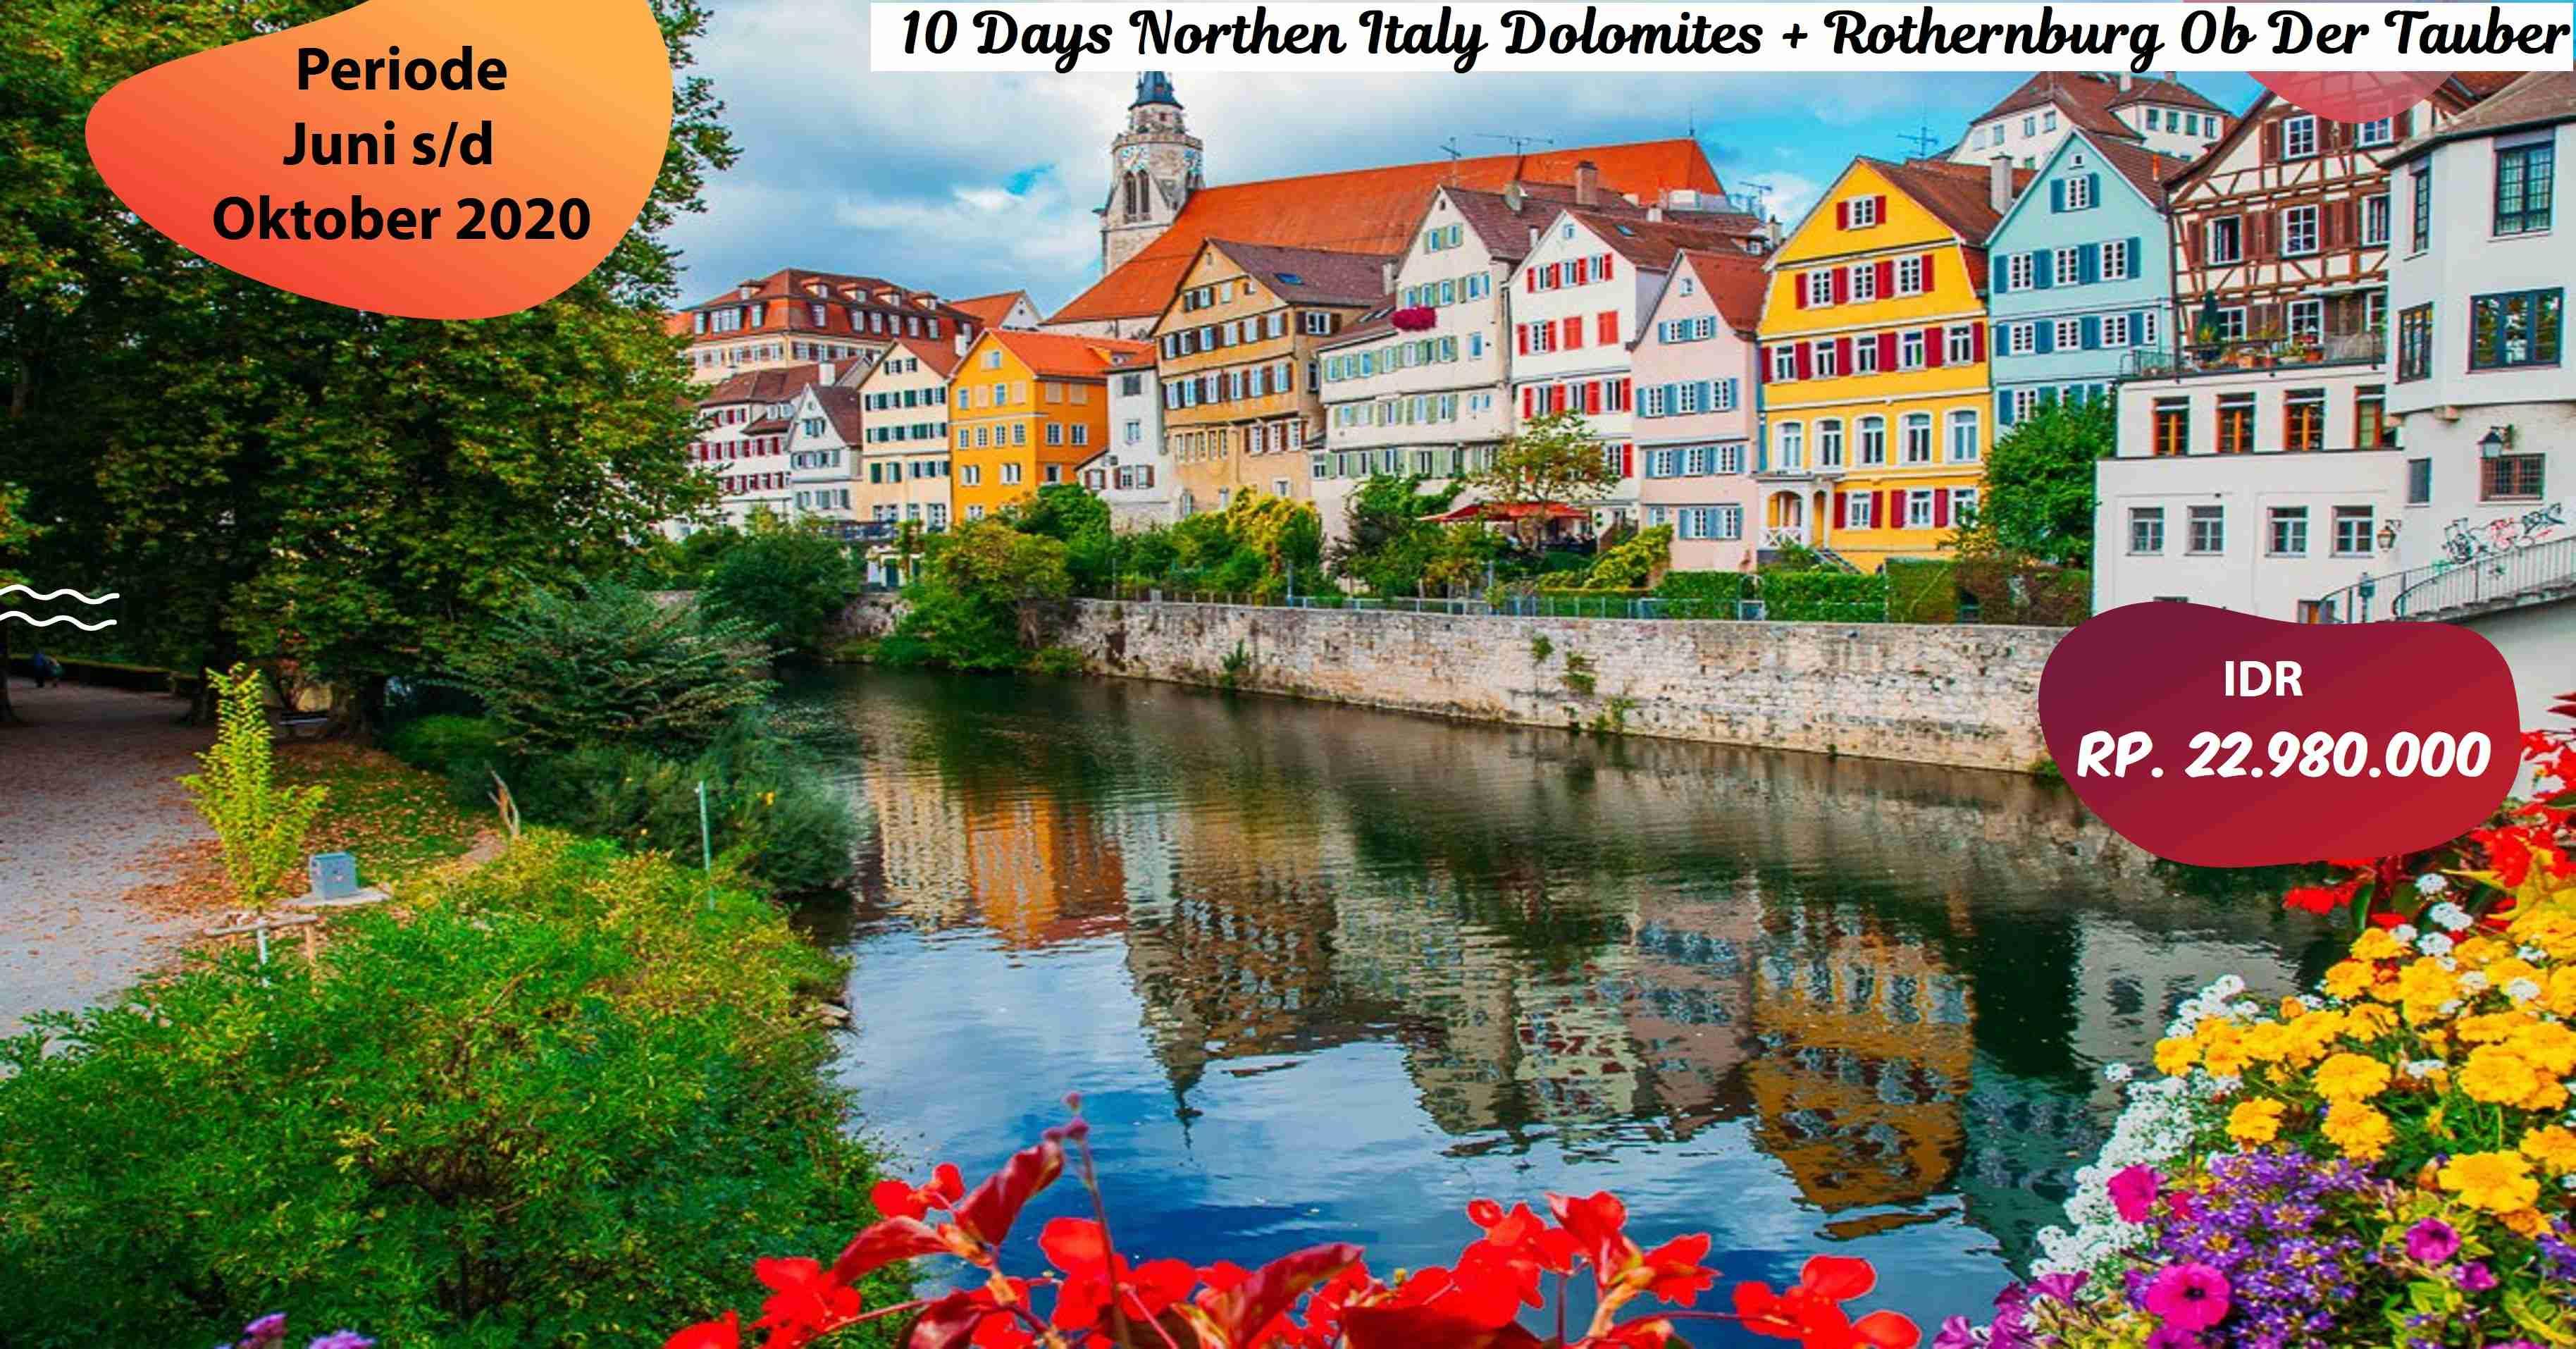 10 Days Northen Italy Dolomites Rothernburg Ob Der Tauber